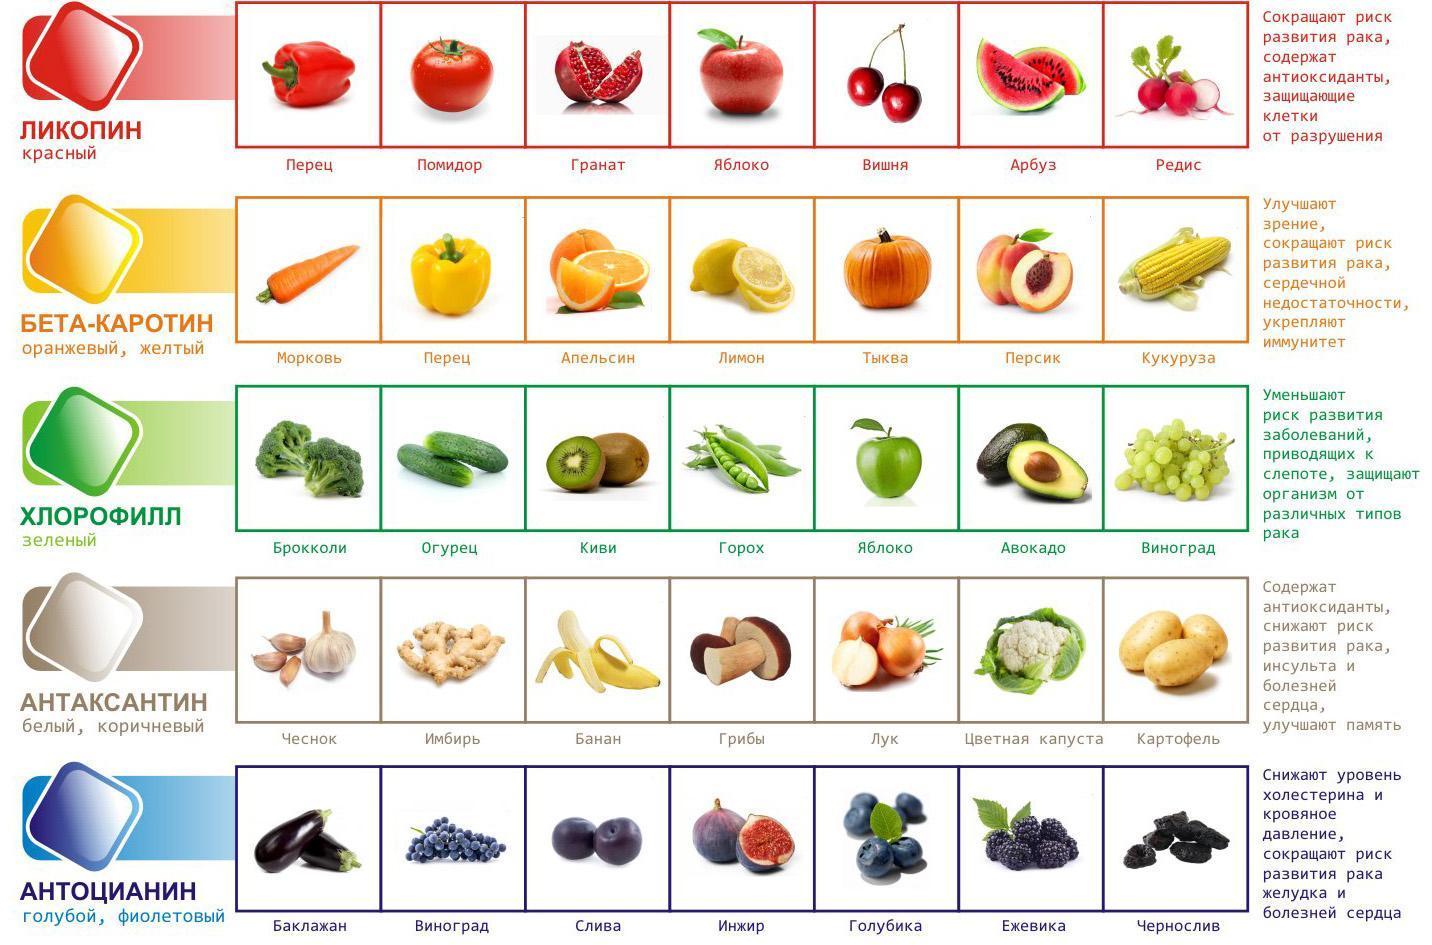 Таблица содкржания в продуктах антиоксидантов